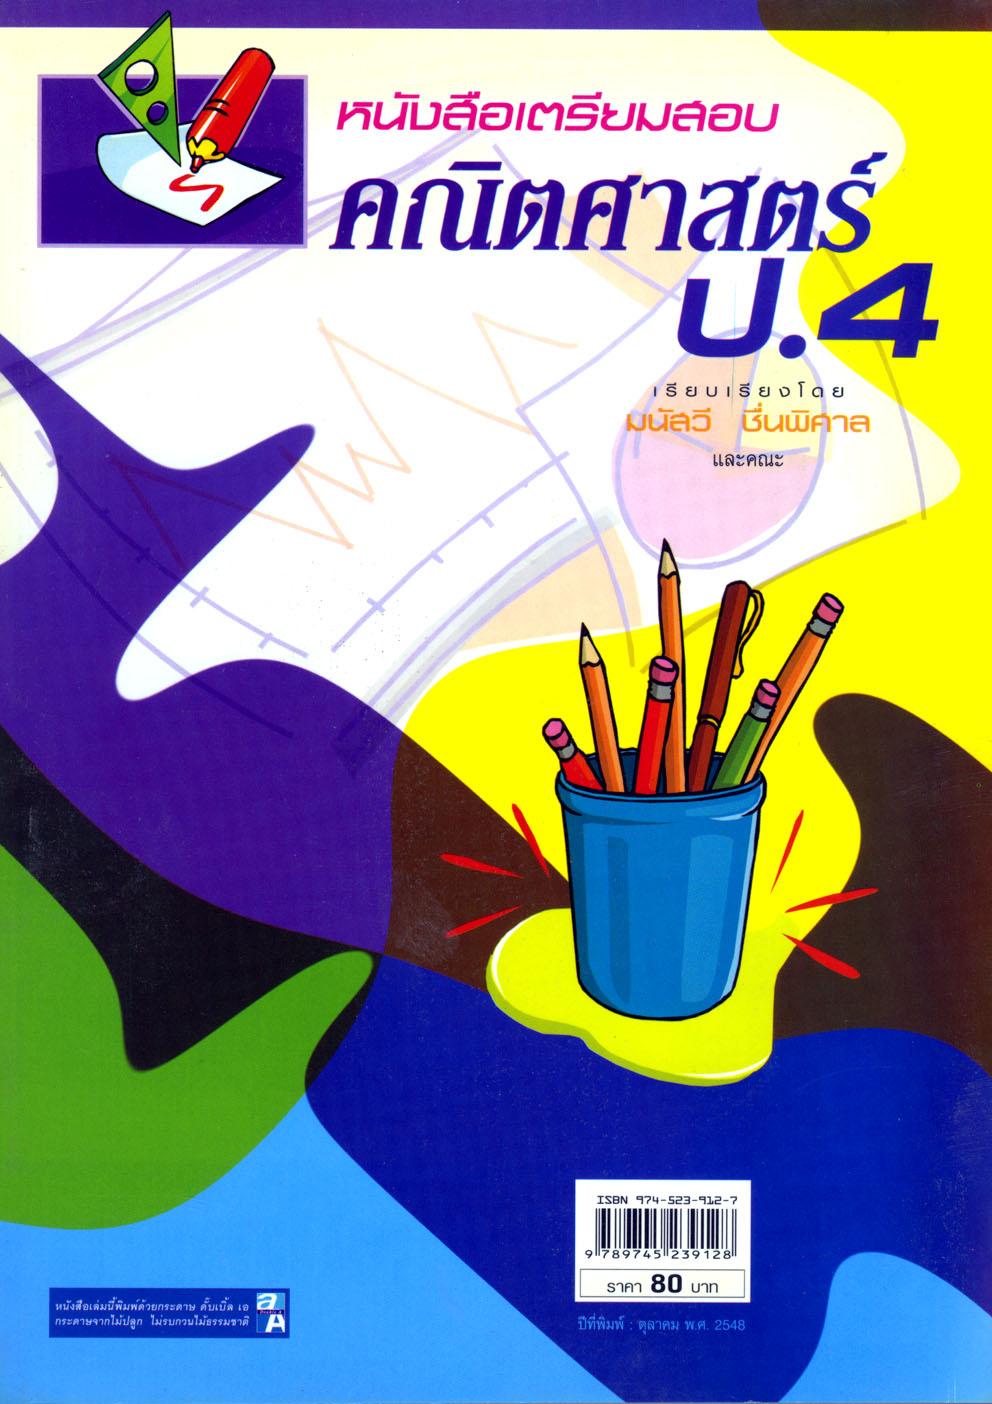 หนังสือเตรียมสอบ คณิตศาสตร์ ป.4